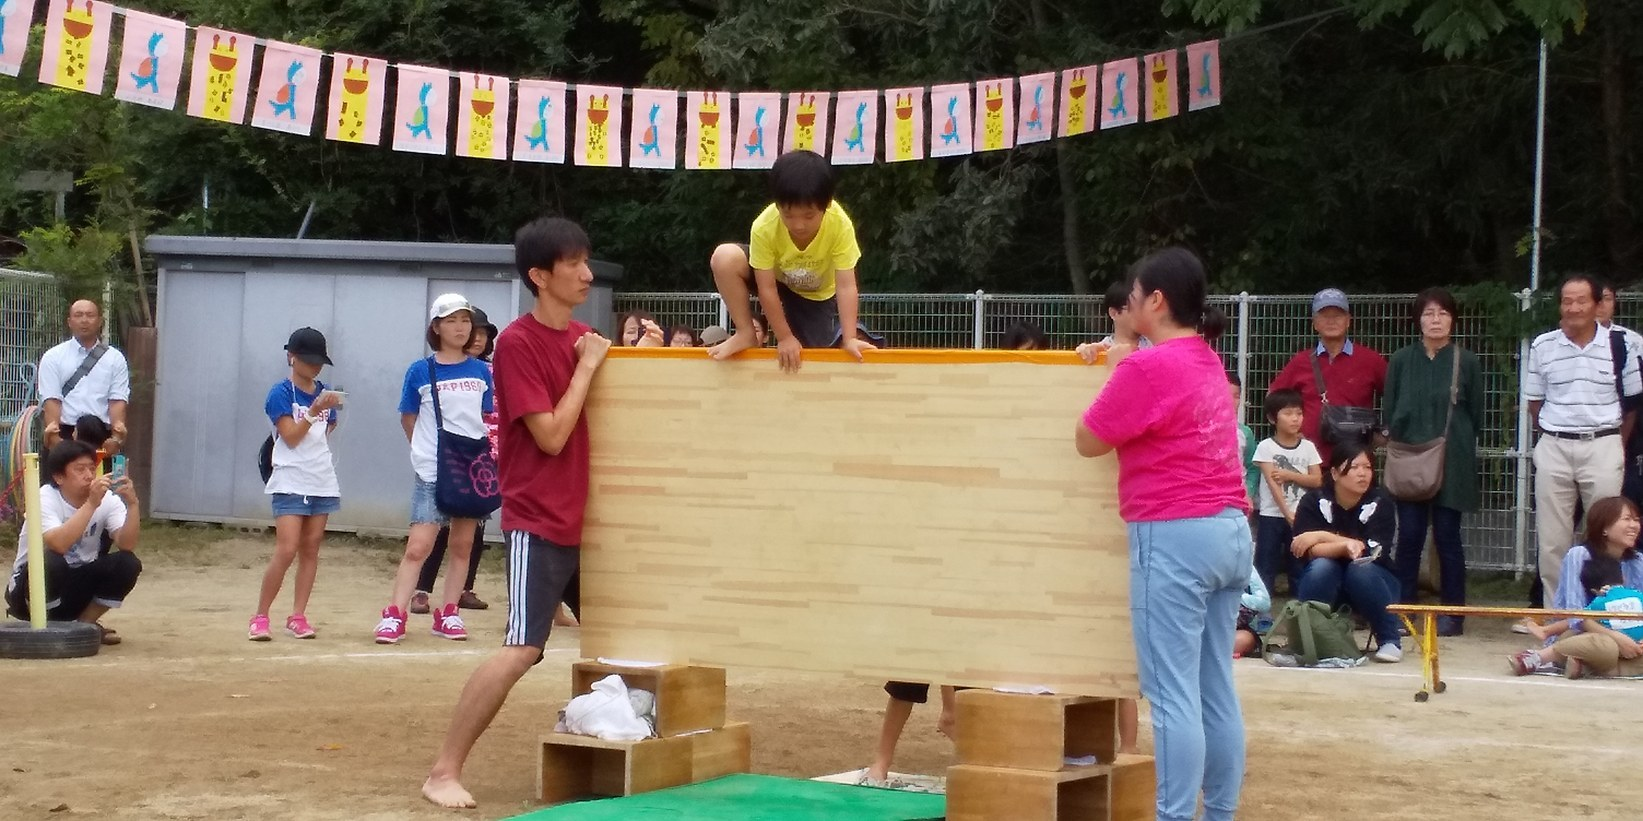 🌞 運動会だ🎵チャッチャチャチャー🎵保育所も幼稚園も認定こども園も🎵どの子も健やかに大きくなあれ🌞_f0061067_14482946.jpg